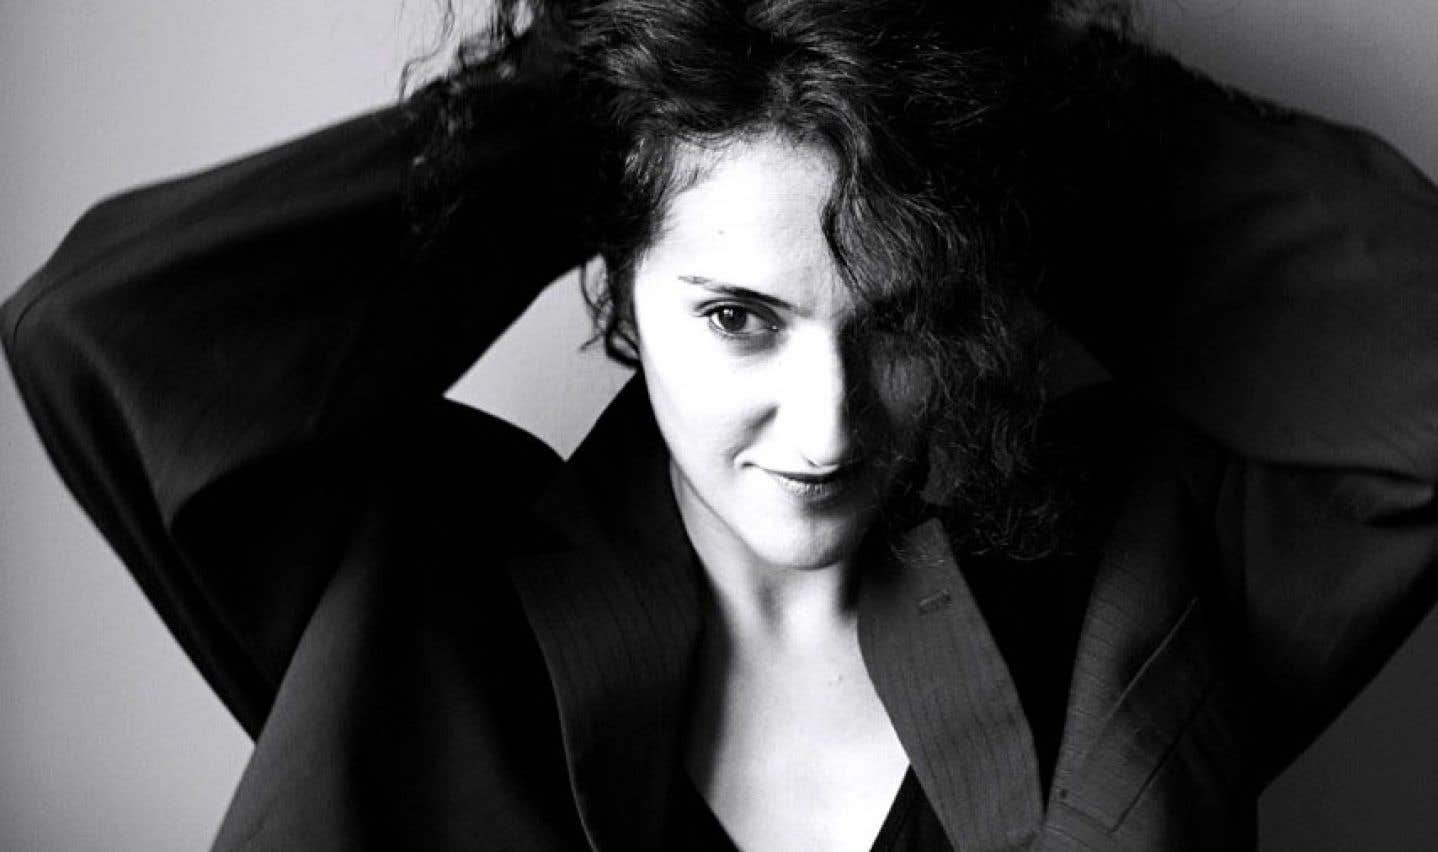 «Marx et la poupée»: Maryam Madjidi face aux fantômes de la désintégration culturelle